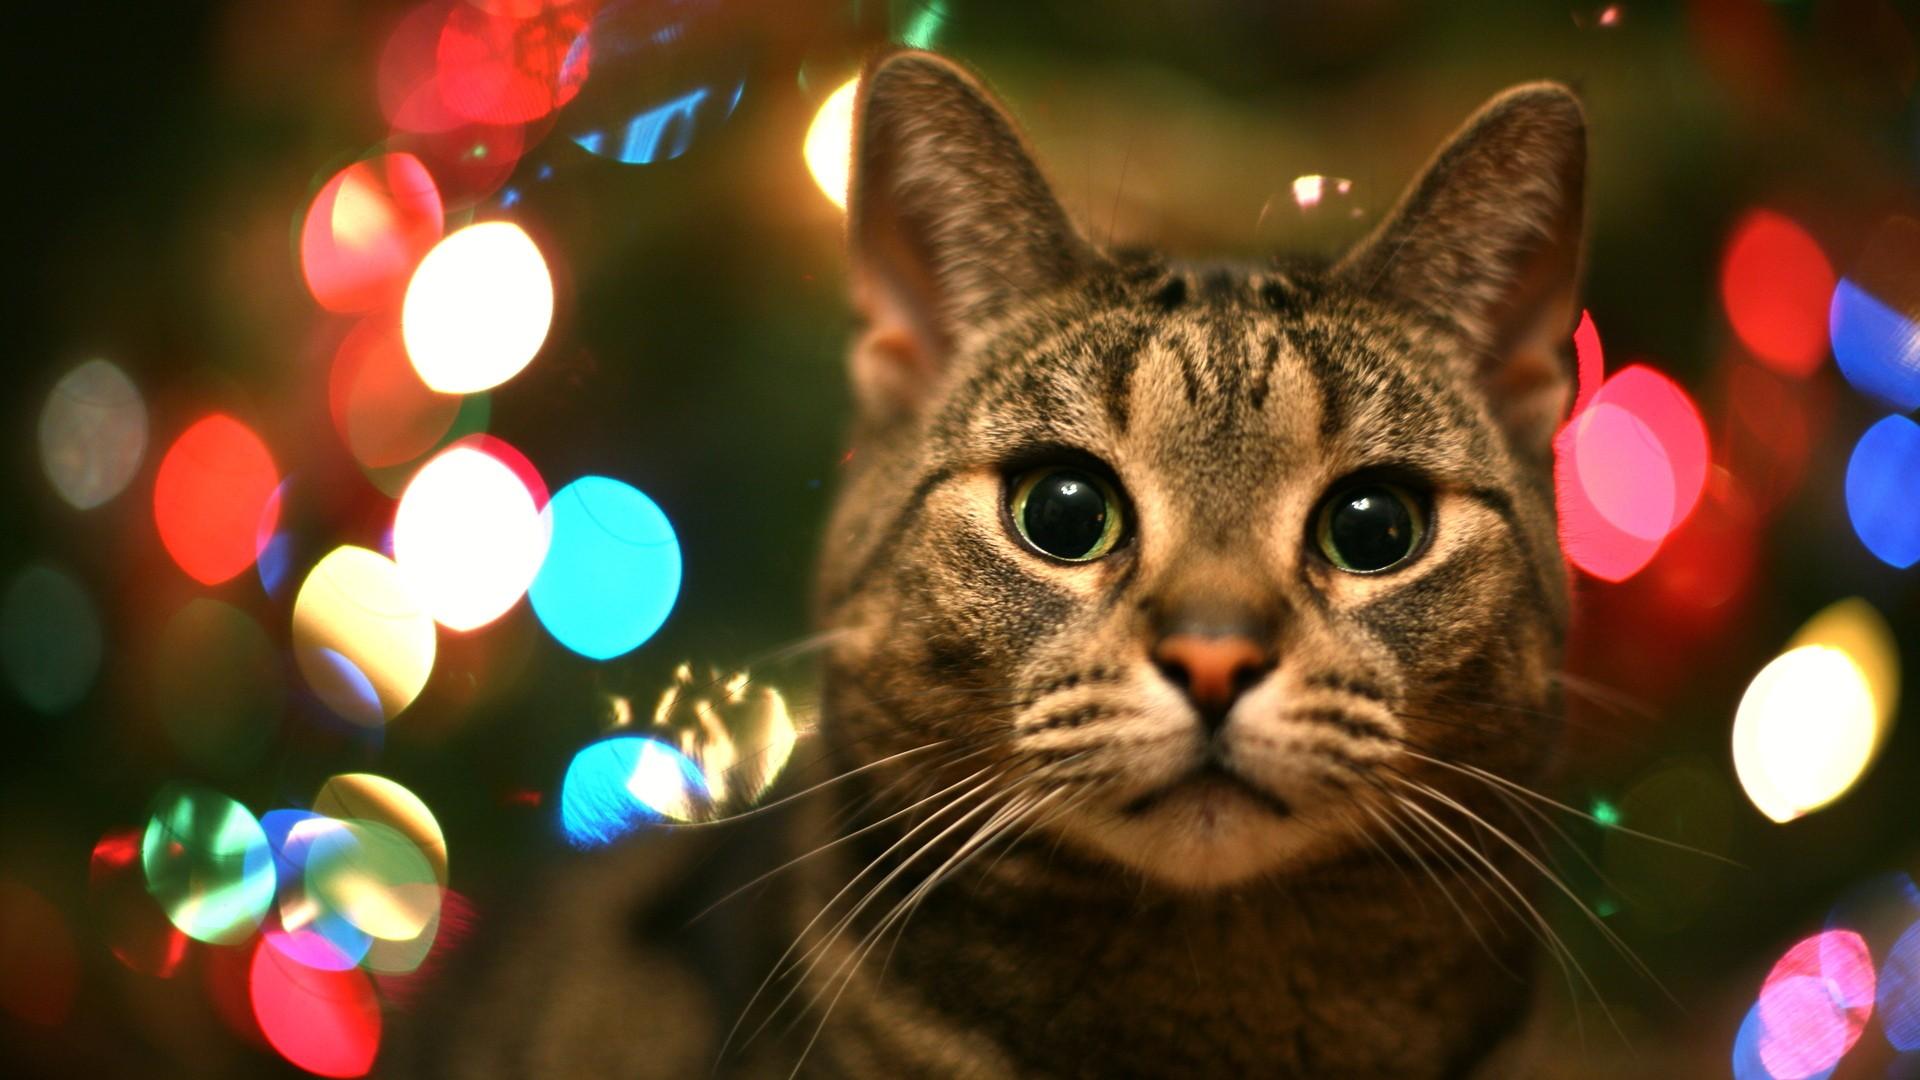 tabby cat city lights wallpaper 44111 1920x1080 px ~ hdwallsource